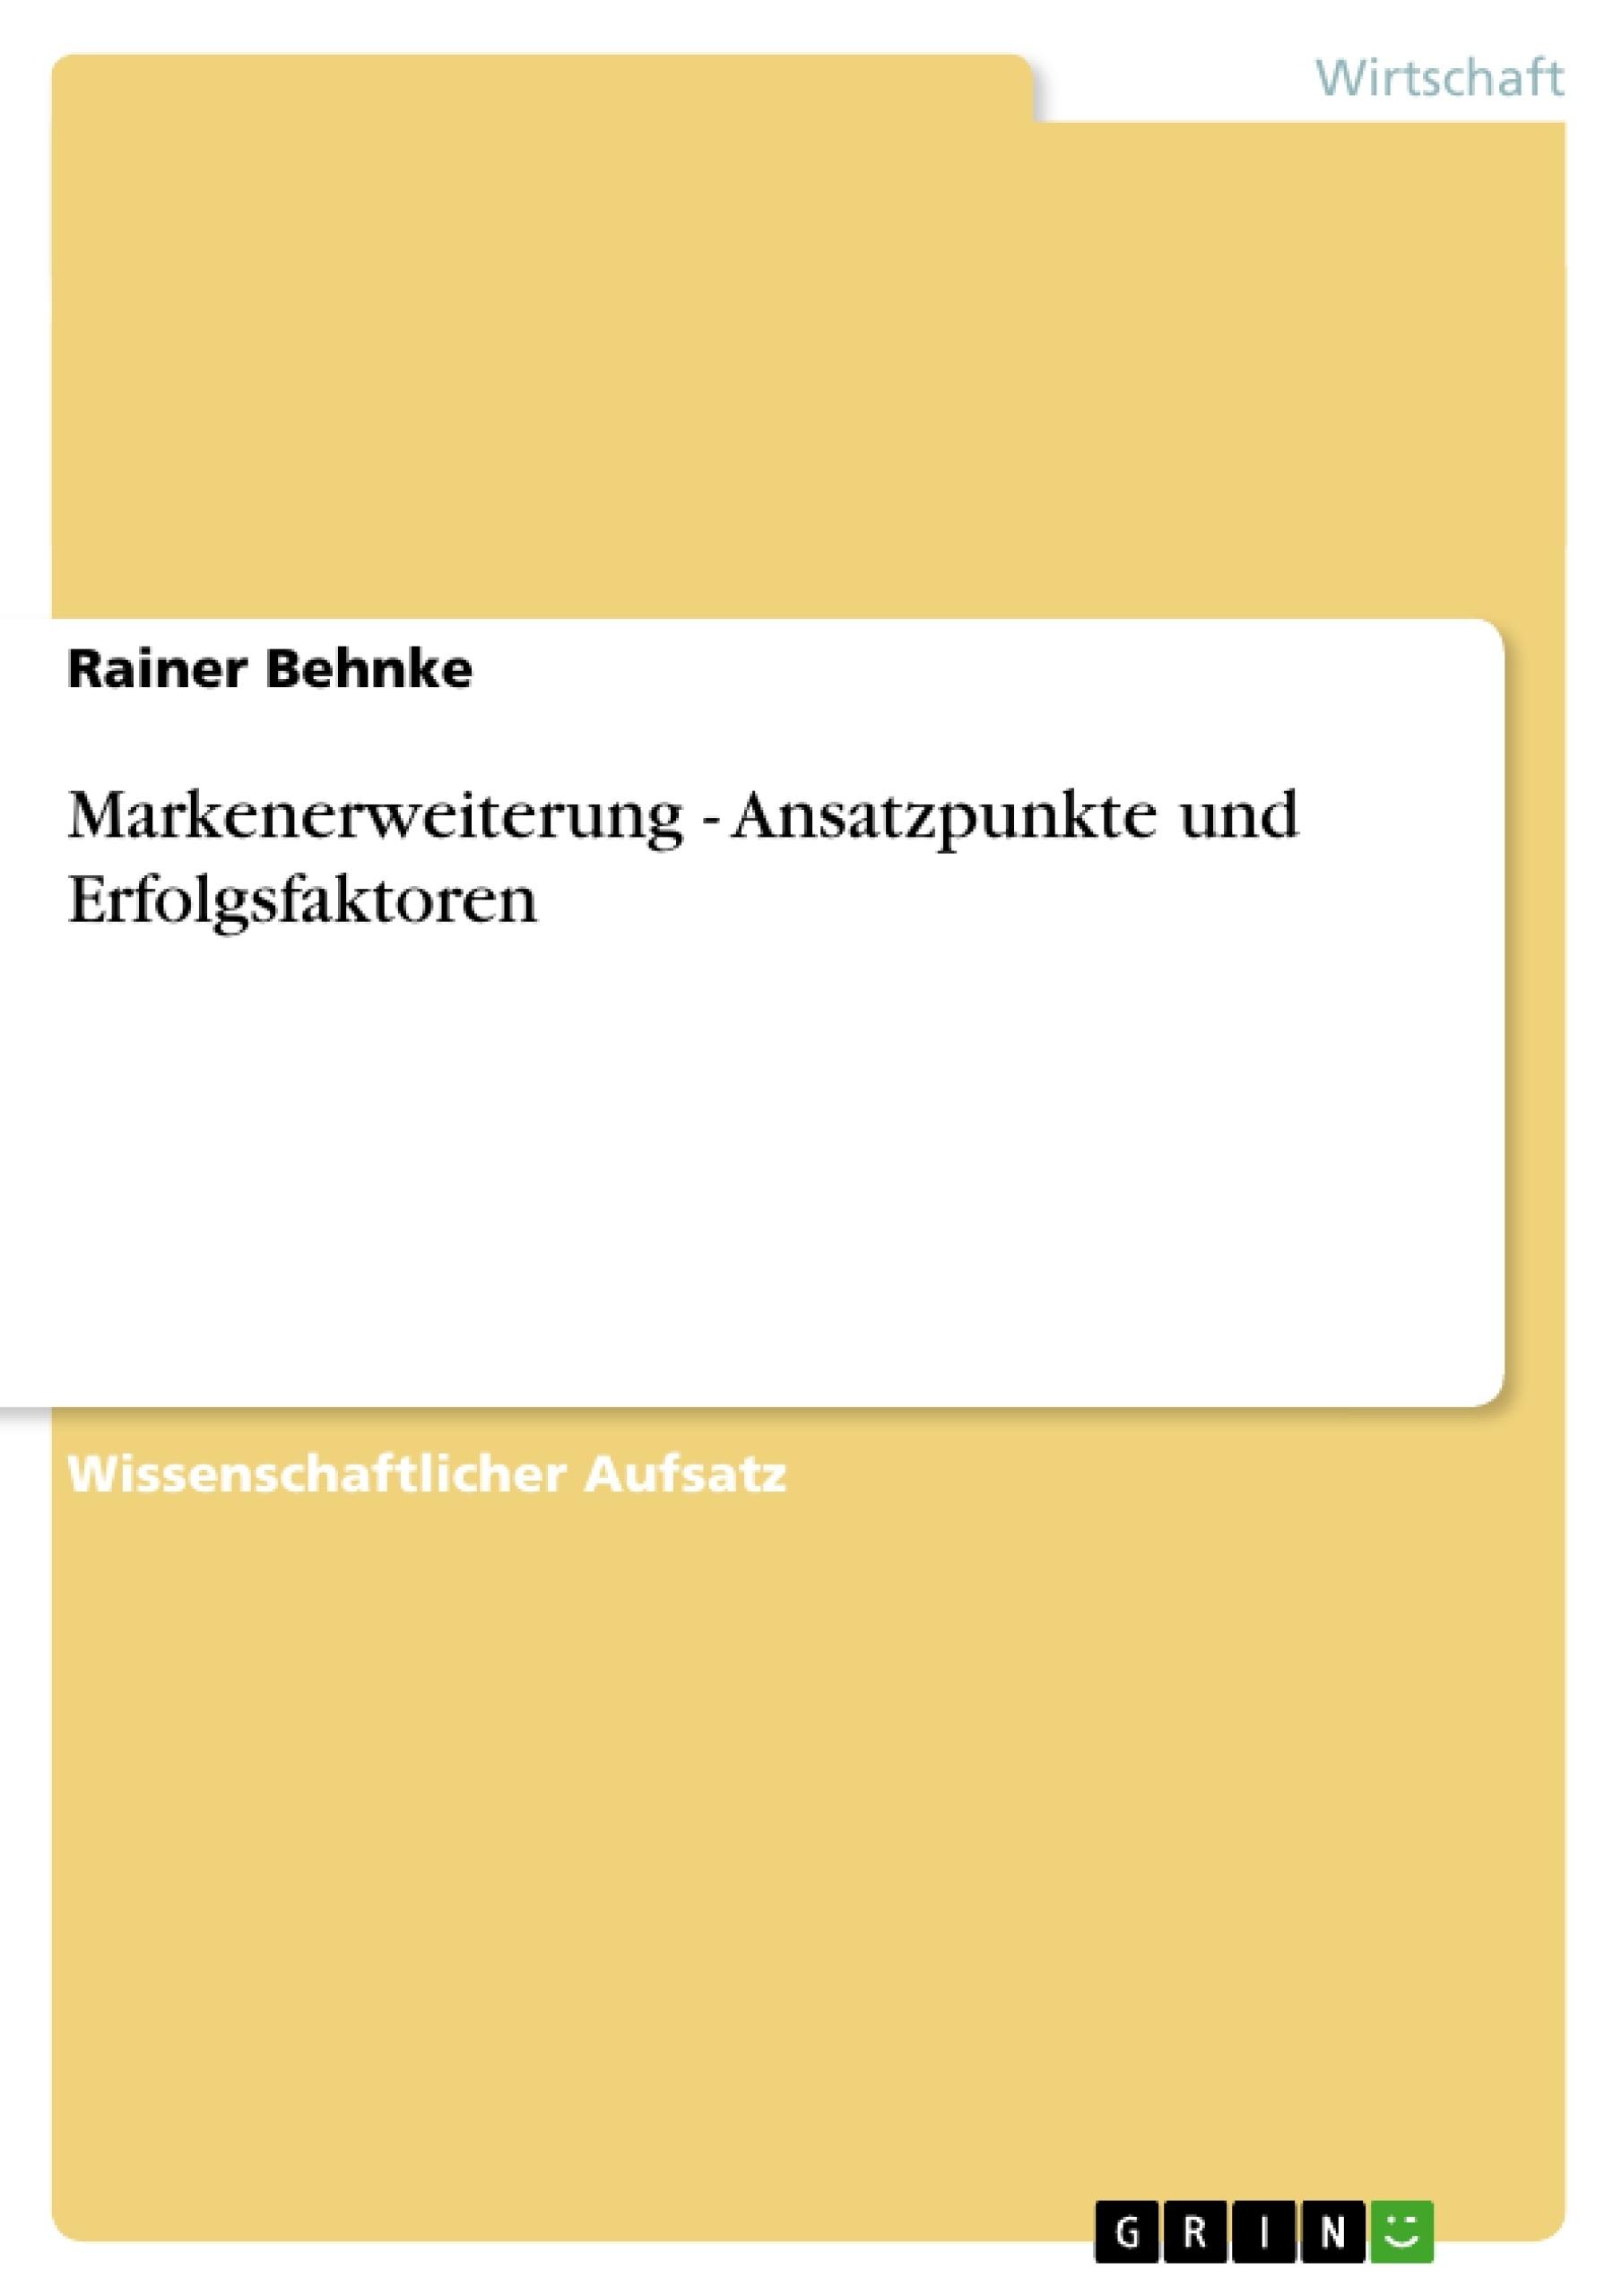 Titel: Markenerweiterung - Ansatzpunkte und Erfolgsfaktoren